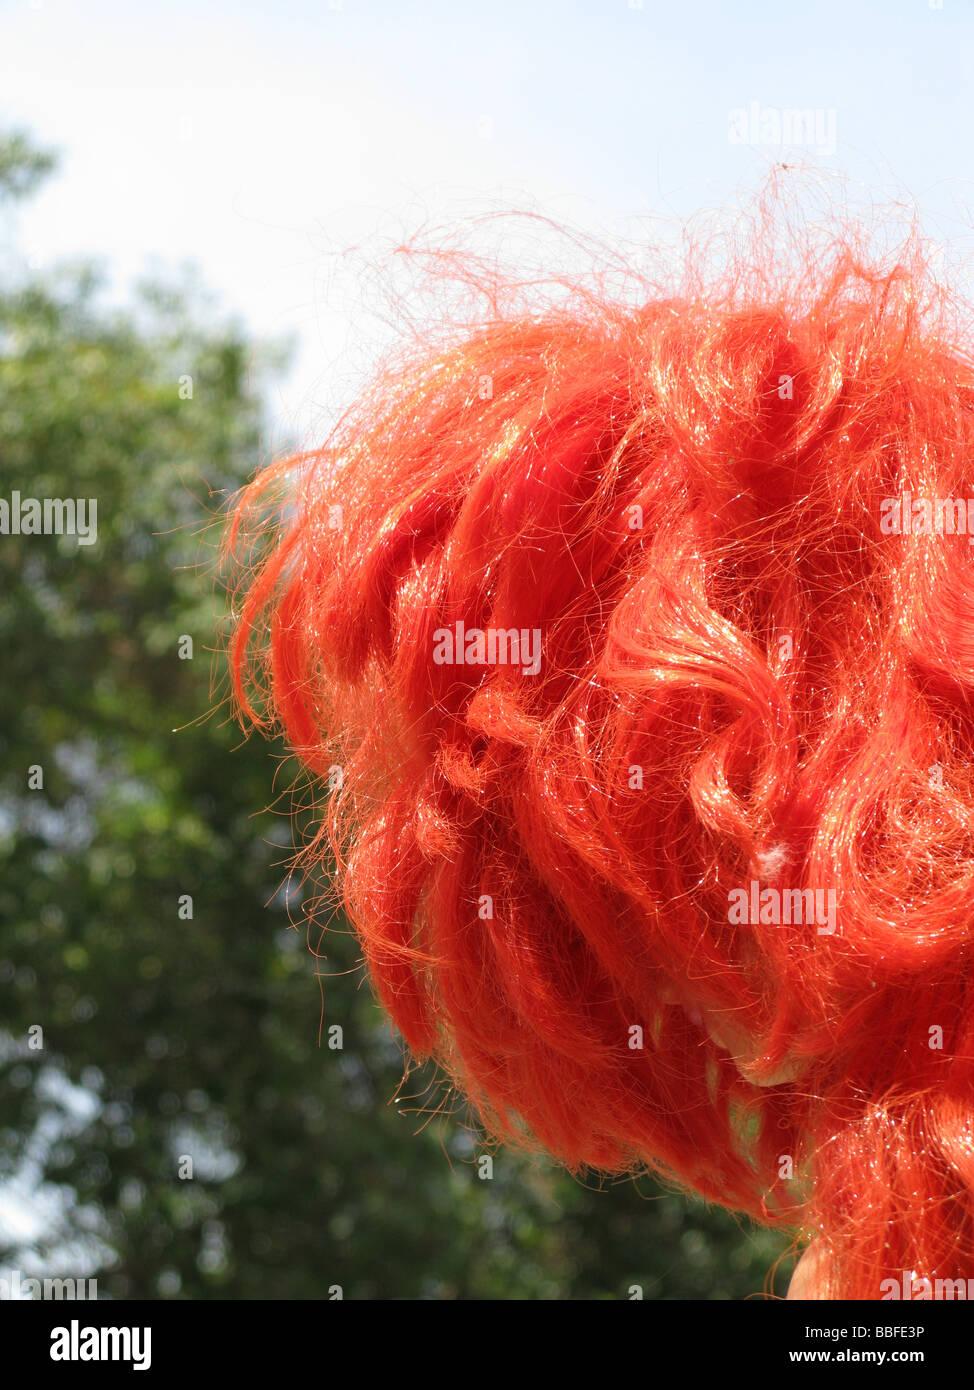 Ragazza bambola con luminosi capelli rossi in città town street Immagini Stock